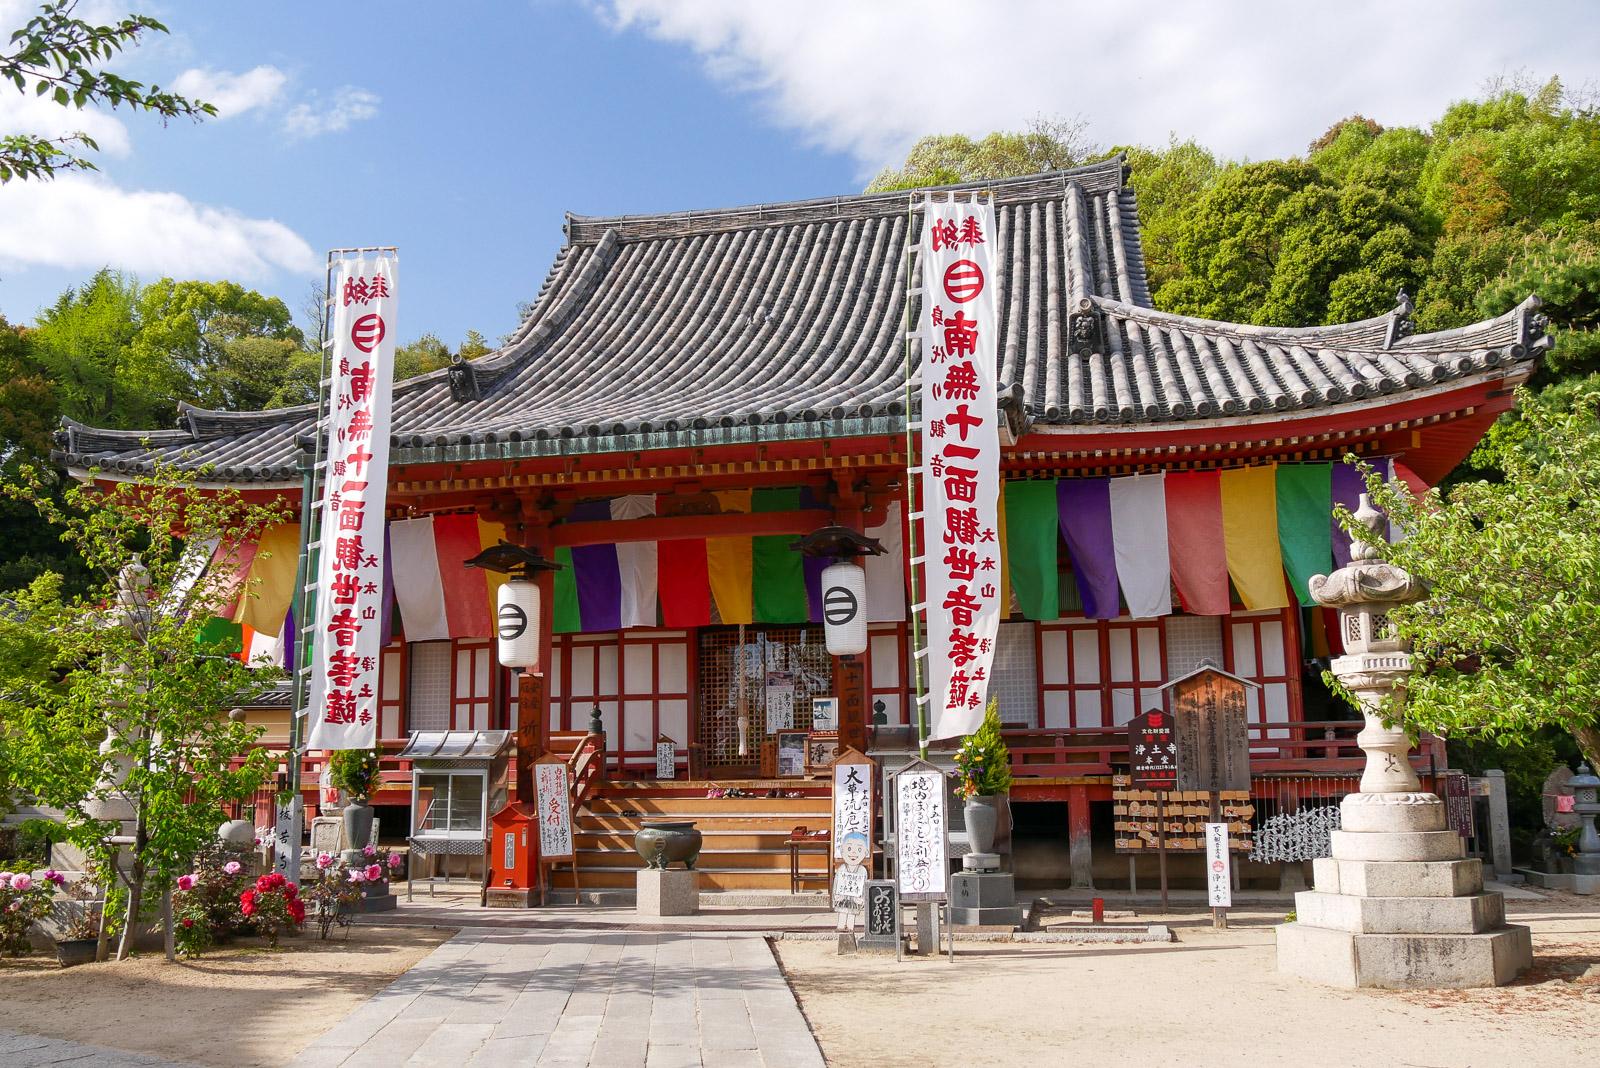 多彩な楽しみ、転法輪山 浄土寺